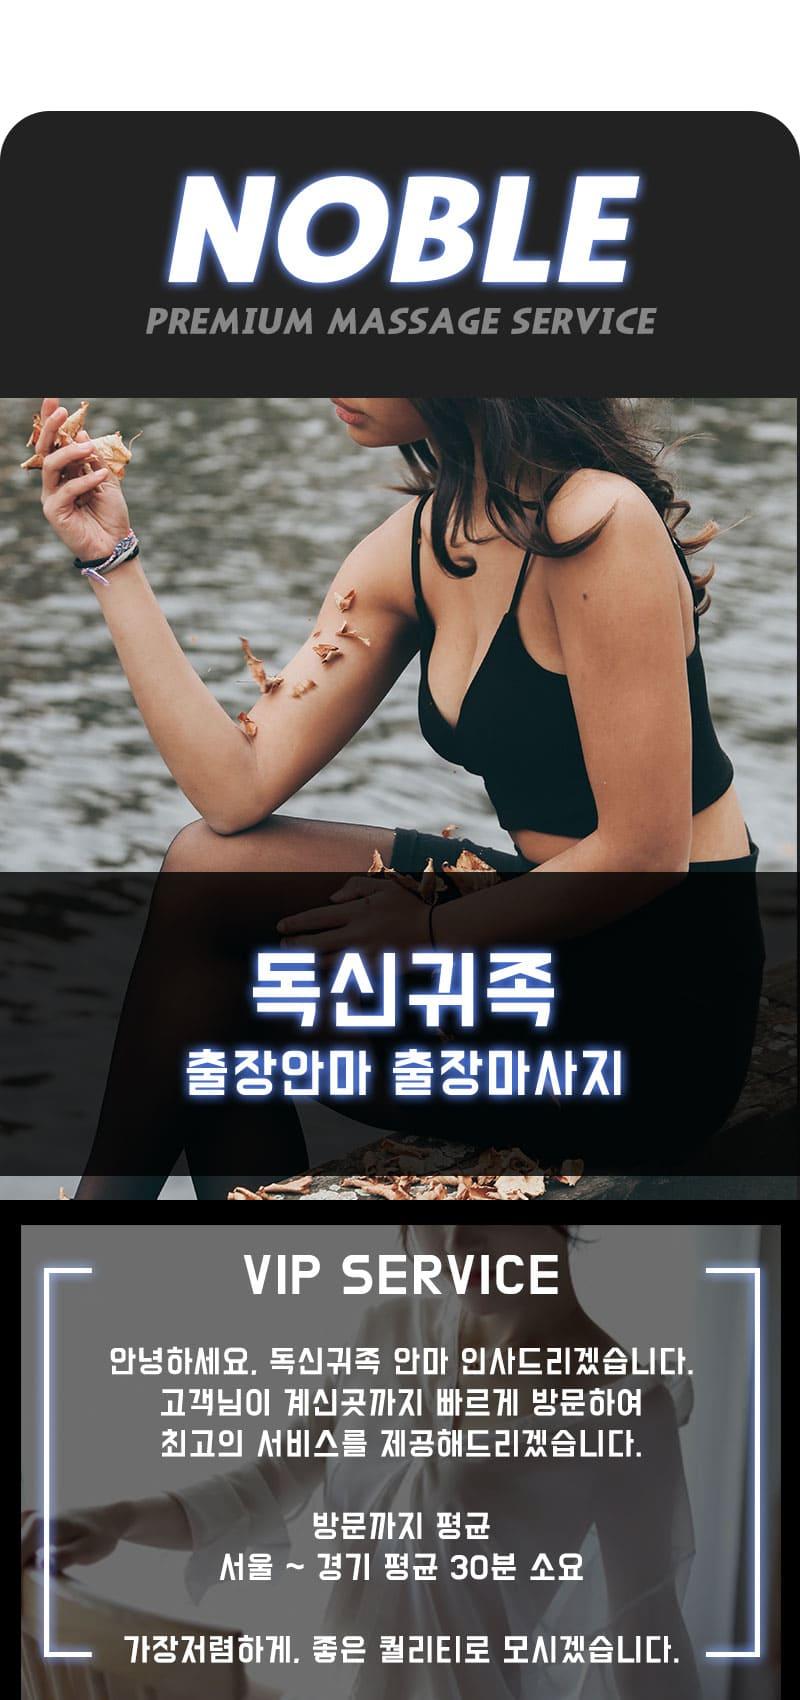 모란출장안마 소개